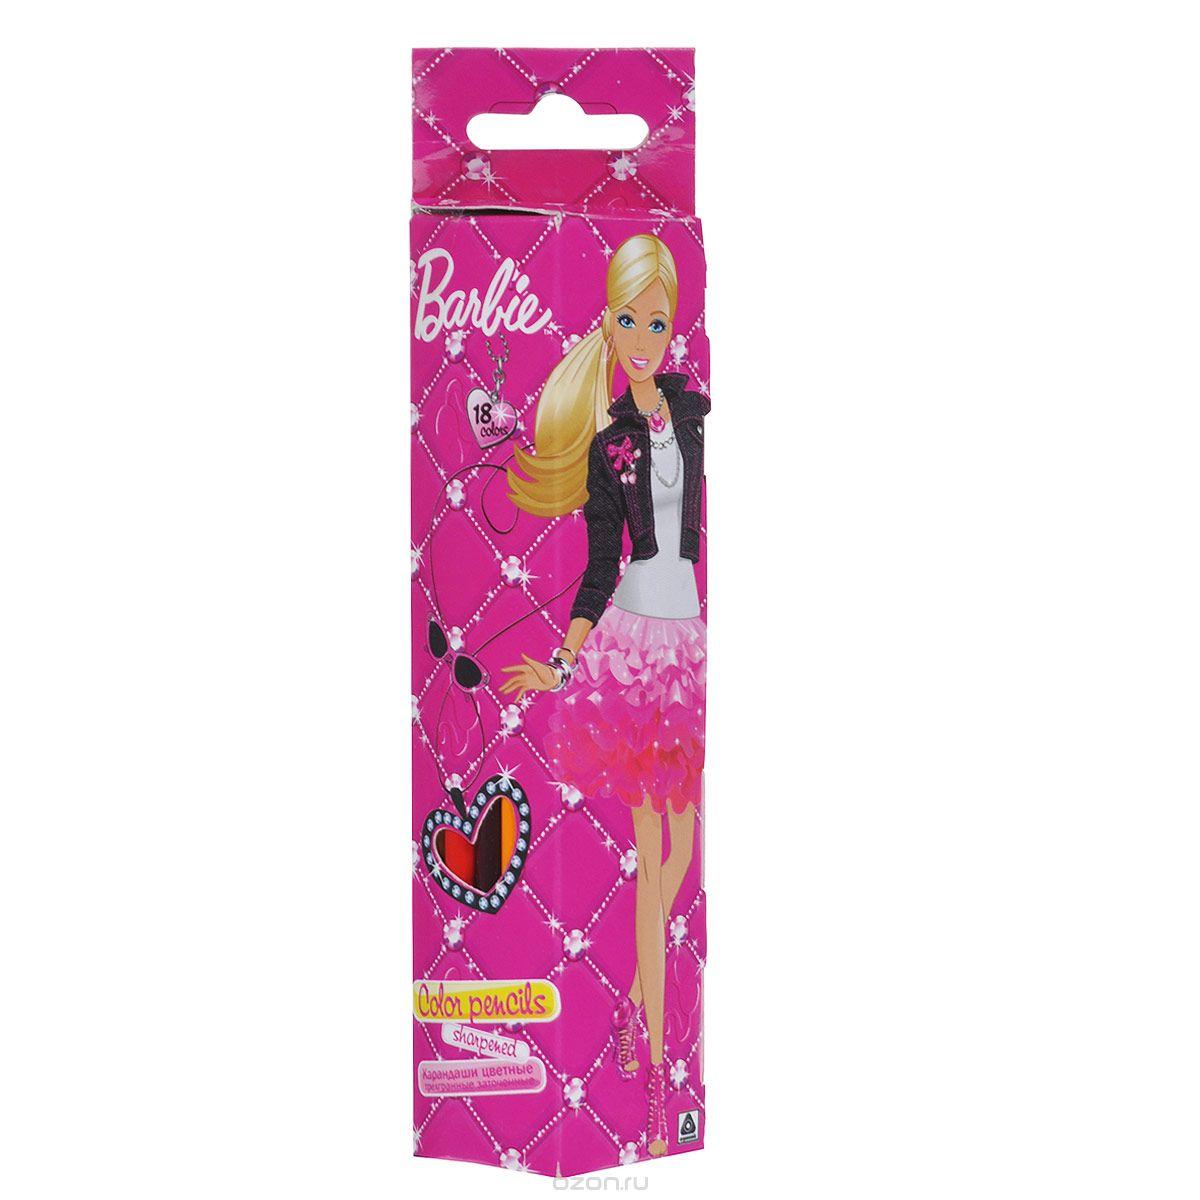 Набор цветных карандашей (треугольные), 18 шт. Цветные карандаши длиной 17,8 см; заточенные; дерево - липа; цветной грифель 2,65 мм; BarbieC00577 (8673)Качественные карандаши для маленьких принцес. Цвет: розовый. Материал: Пластик, . Поверхность: Бумага. Упаковка: Коробка картонная.